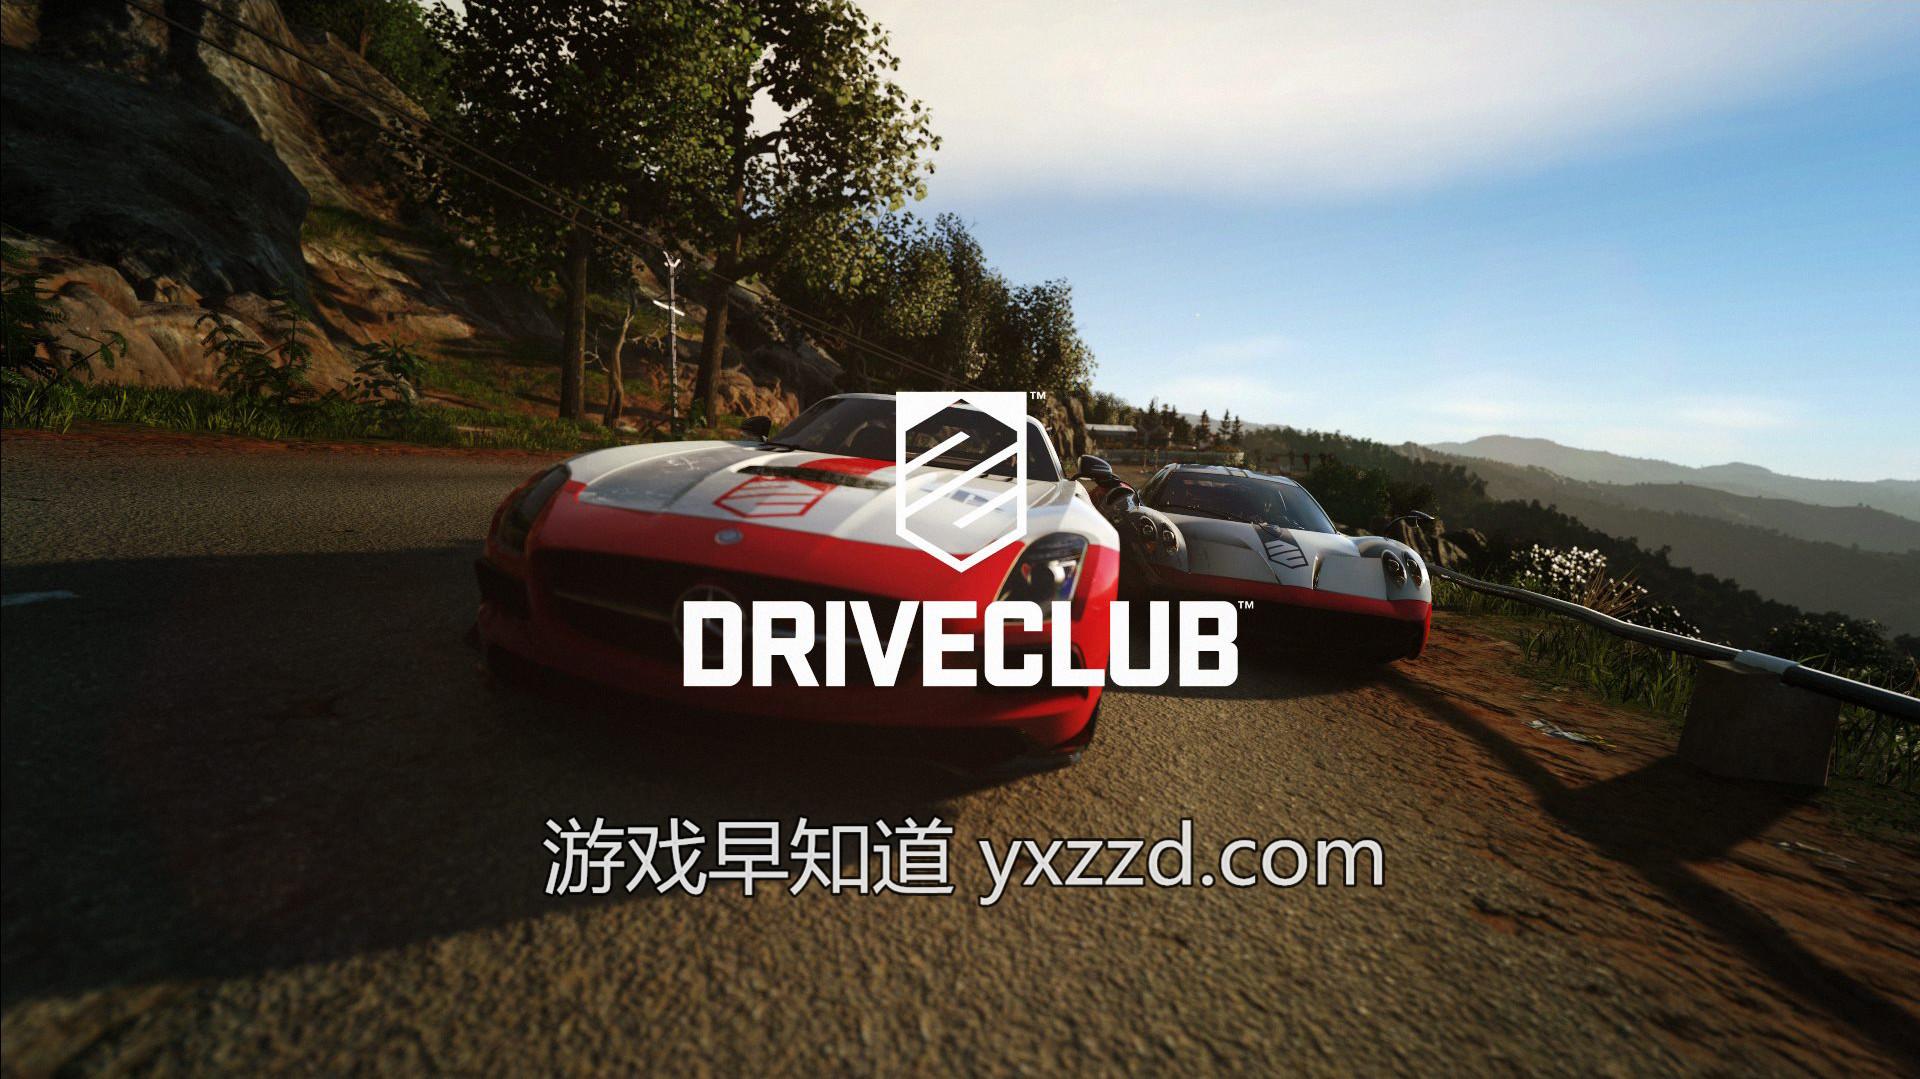 驾驶俱乐部driveclub